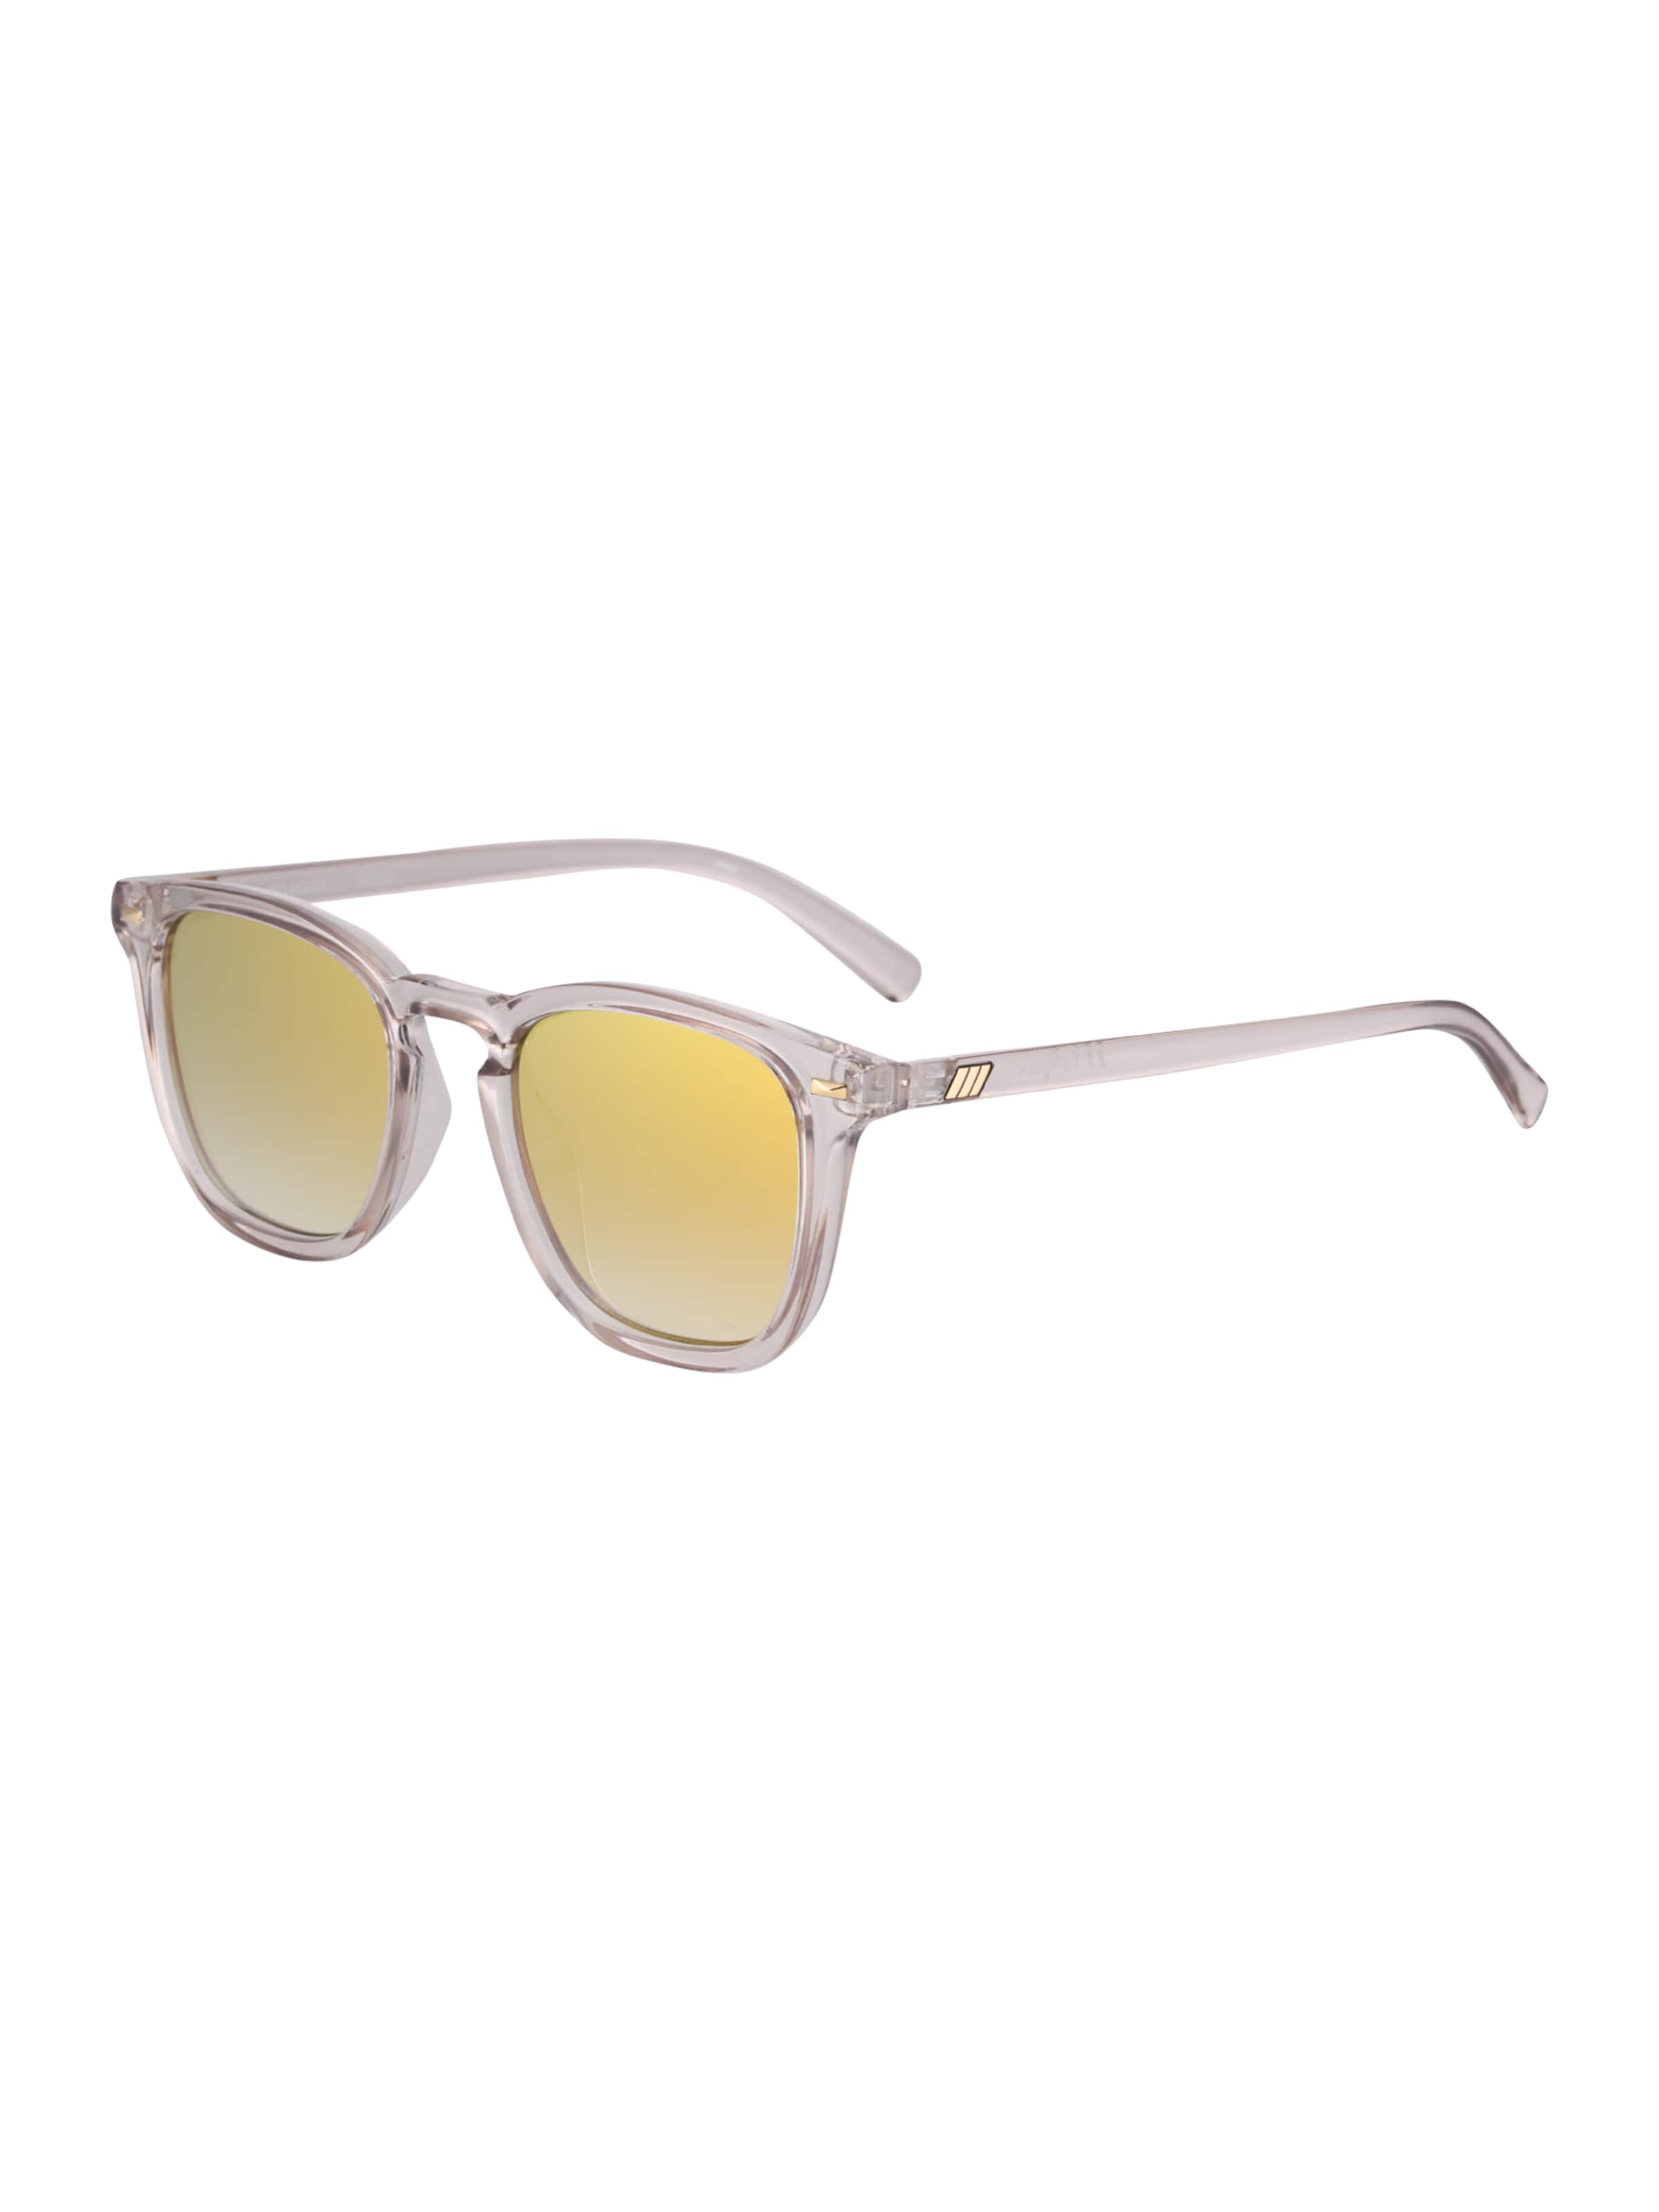 LE SPECS Sonnenbrille 'NO BIGGIE' Billig Verkauf 2018 Billig Verkauf Websites Spielraum Bester Ort Rabatt Gutes Verkauf Große Auswahl An Zum Verkauf kuQaOI0PPf